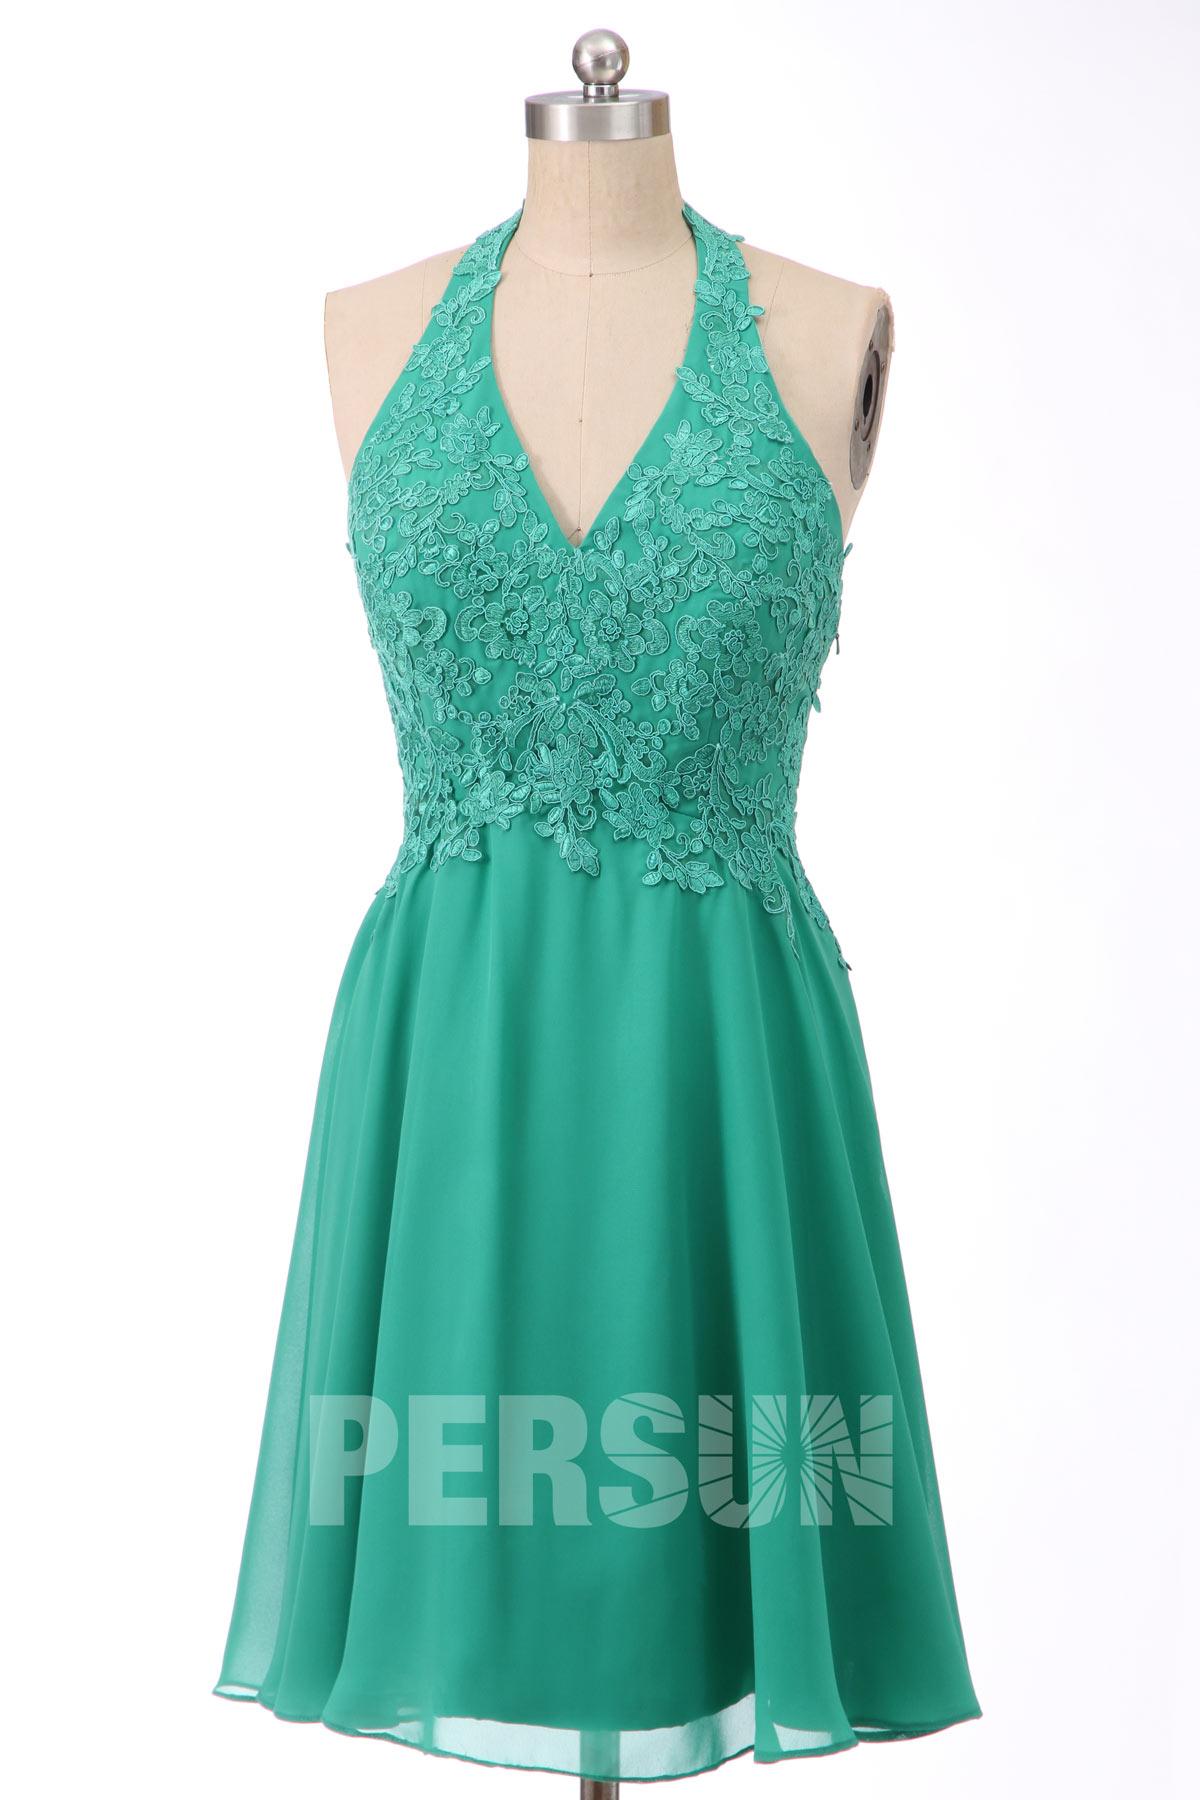 robe de cocktail courte col halter vert émeraude en dentelle appliquée